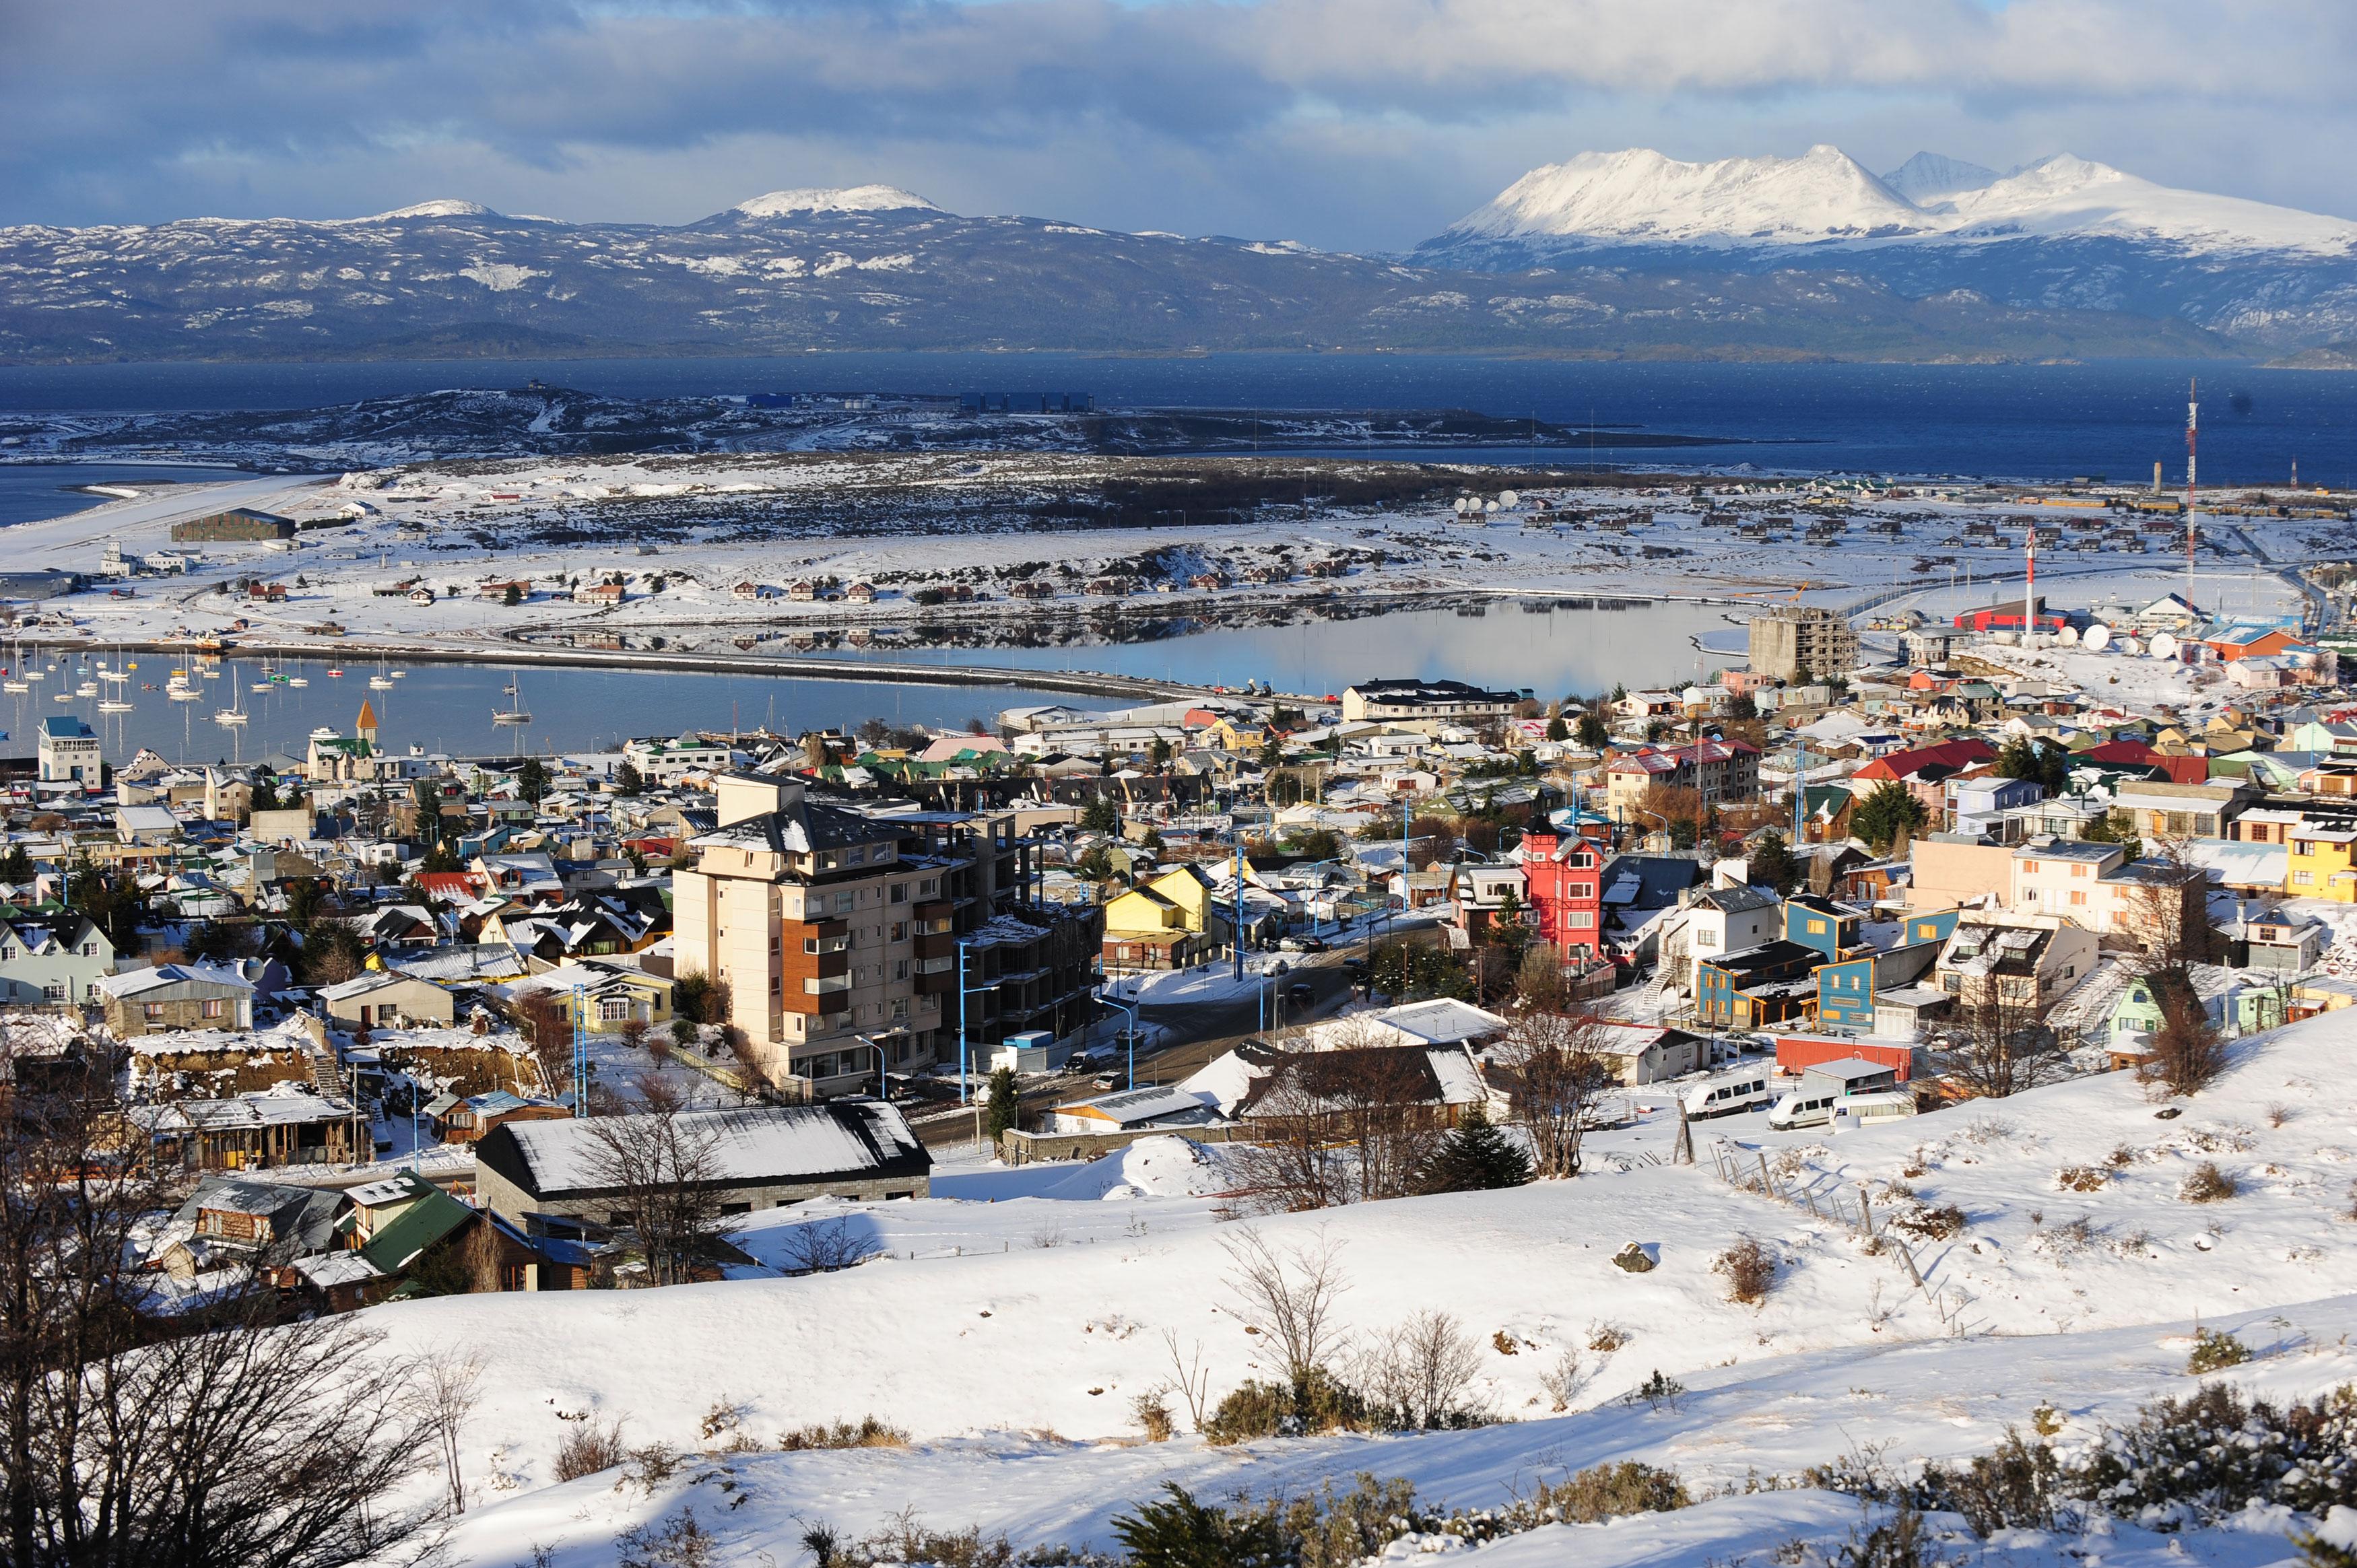 Tolkeyen patagonia turismo excursiones en ushuaia y calafate for Chimentos de hoy en argentina